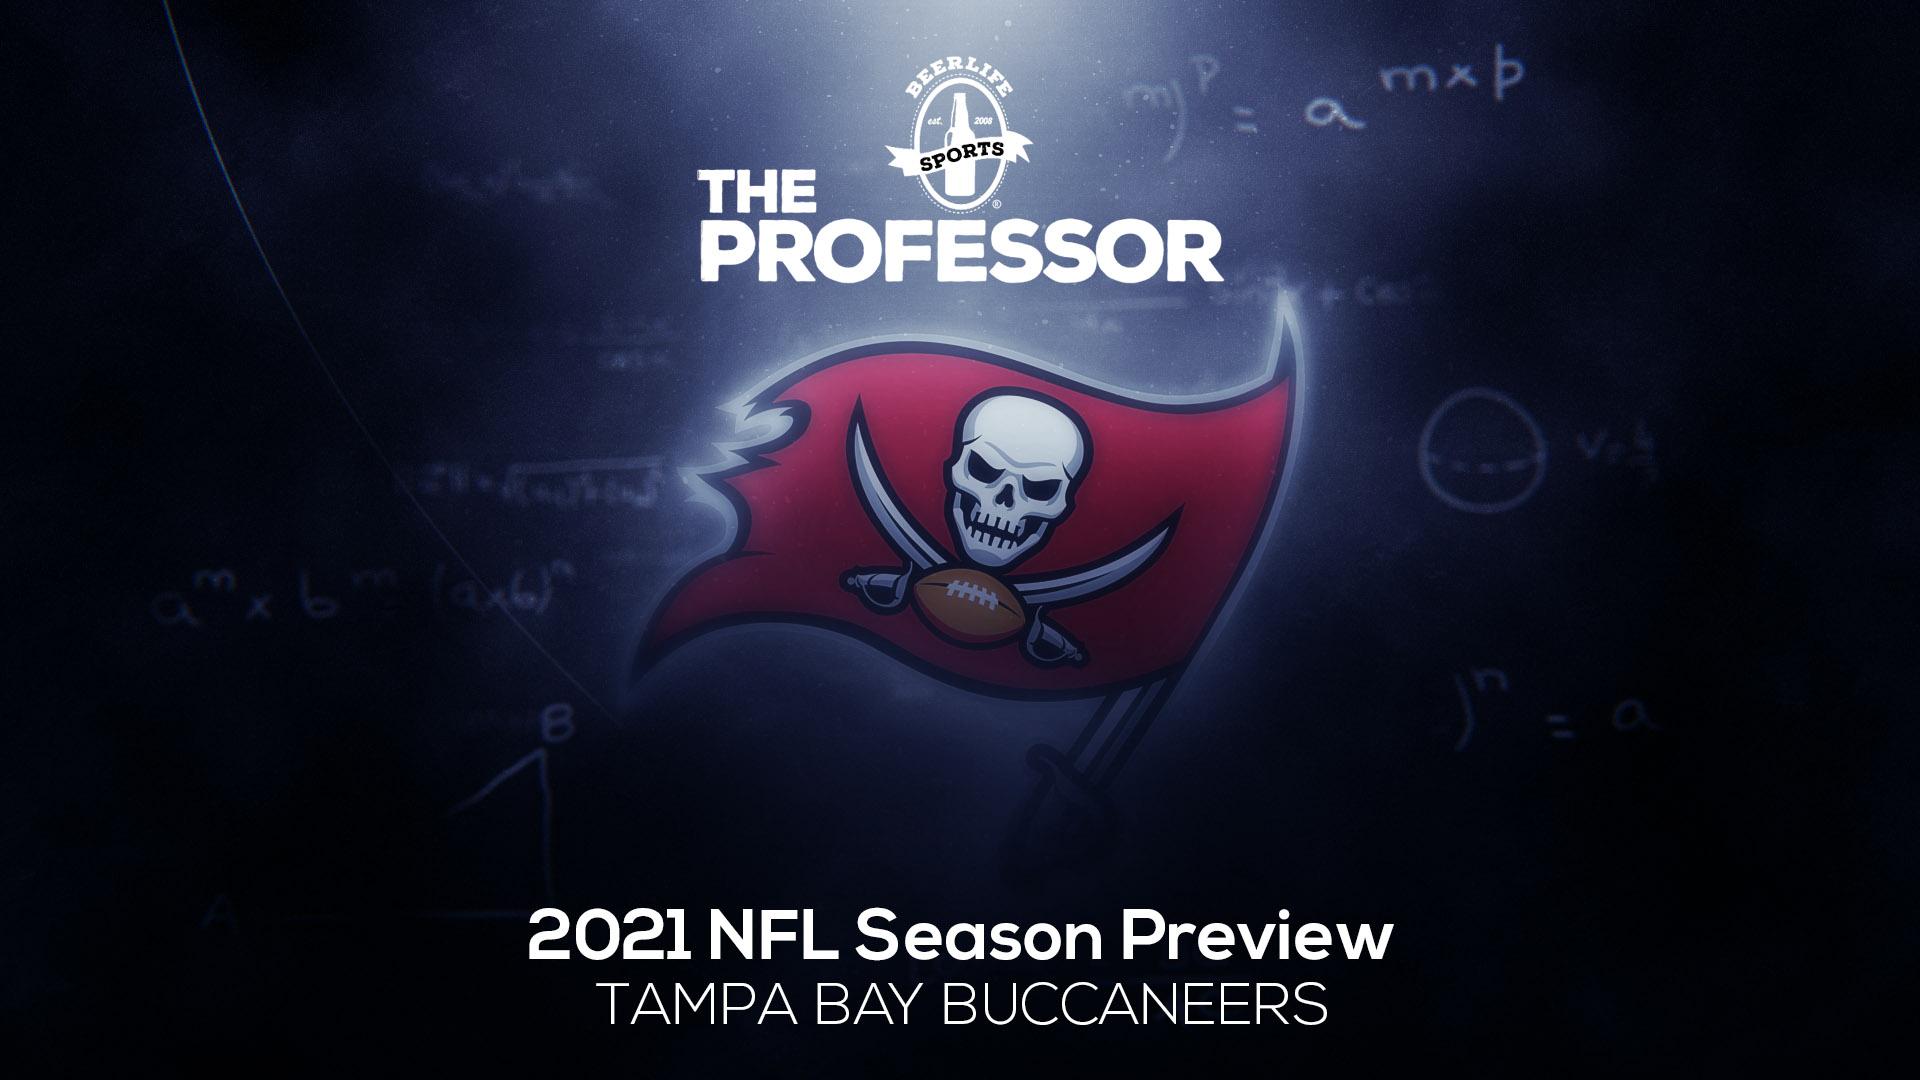 TheProfessor_NFL preview-buccaneers